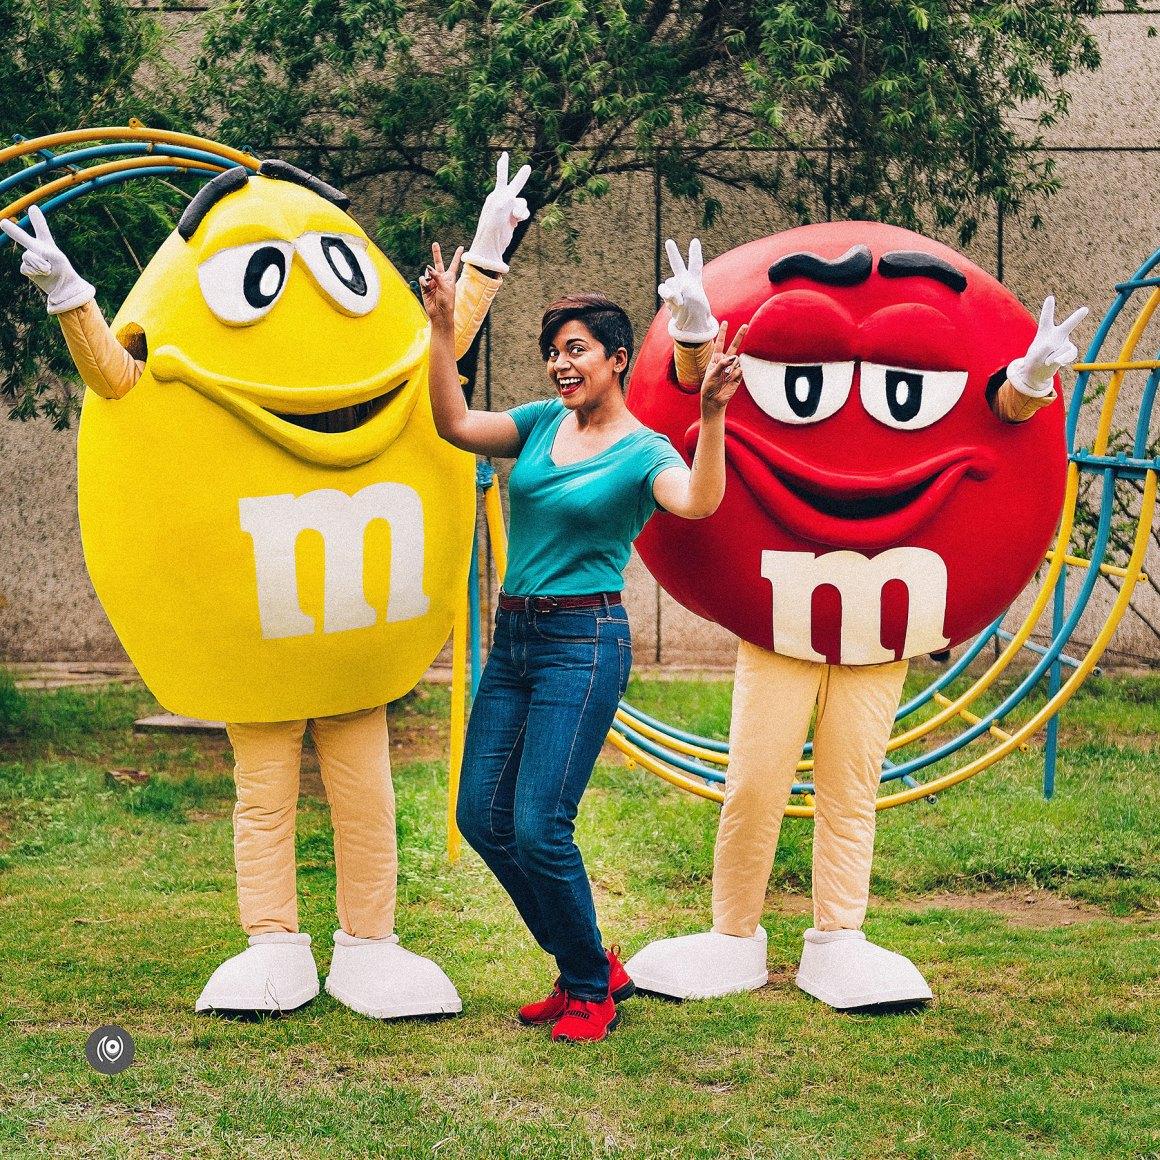 Naina Redhu, Naina.co, M&M's, MandMs, MandM, MnnMsInIndia, Red, Yellow, Chocolate, Mars, In India, Product Launch, Goodie Box, Welcome to India, Irresistible, Product Photographer, Lifestyle Photographer, Luxury Photographer, Blogger